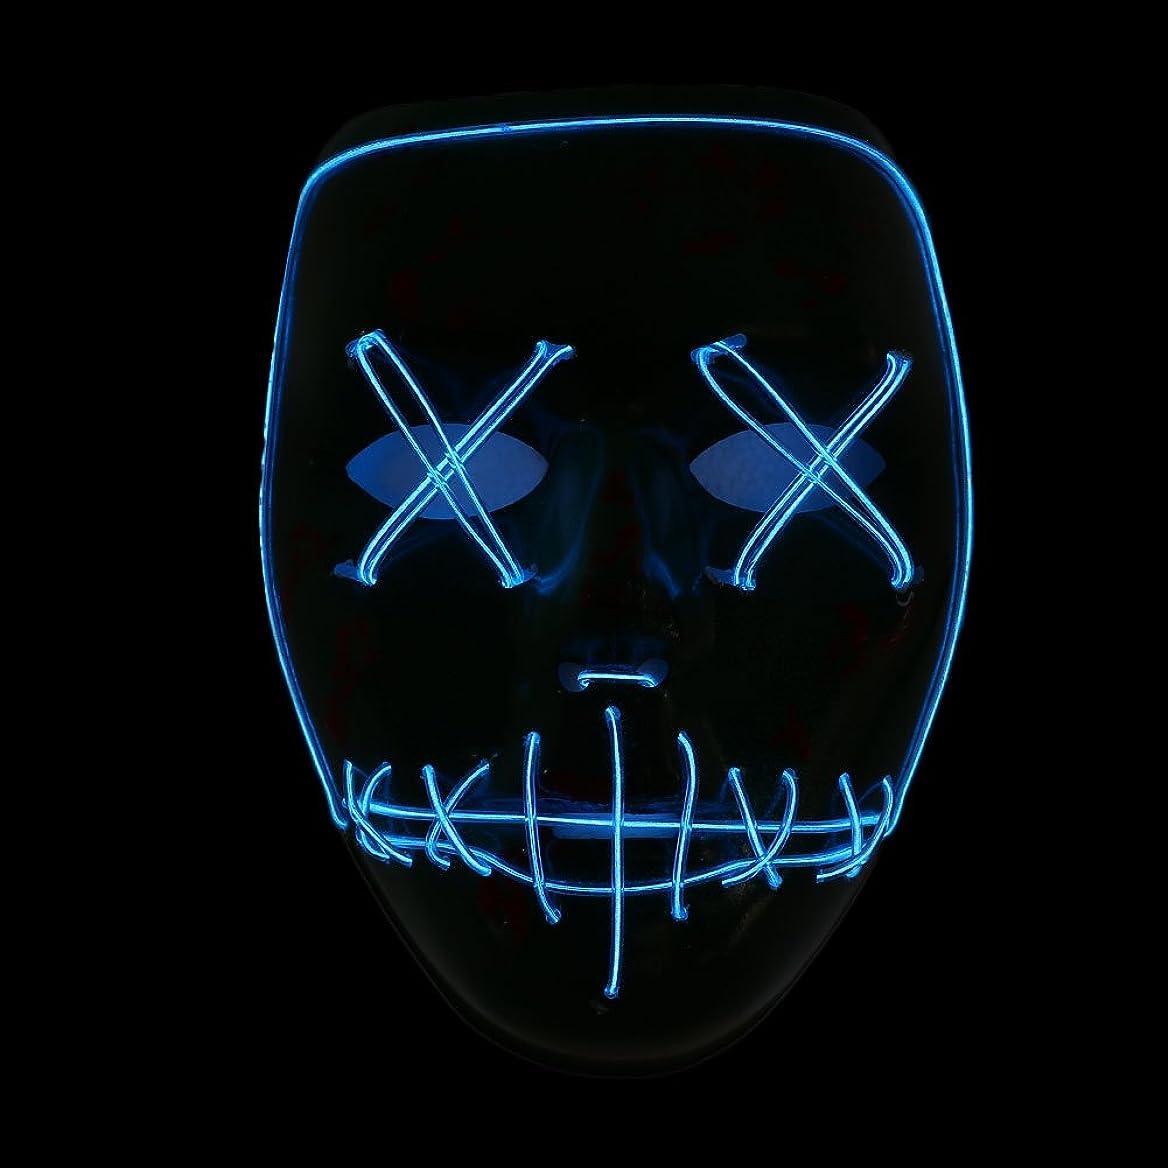 眉まとめる別のAuntwhale ハロウィーンマスク大人恐怖コスチューム、光るゴーストフェイスファンシーマスカレードパーティーハロウィンマスク、フェスティバル通気性ギフトヘッドマスク